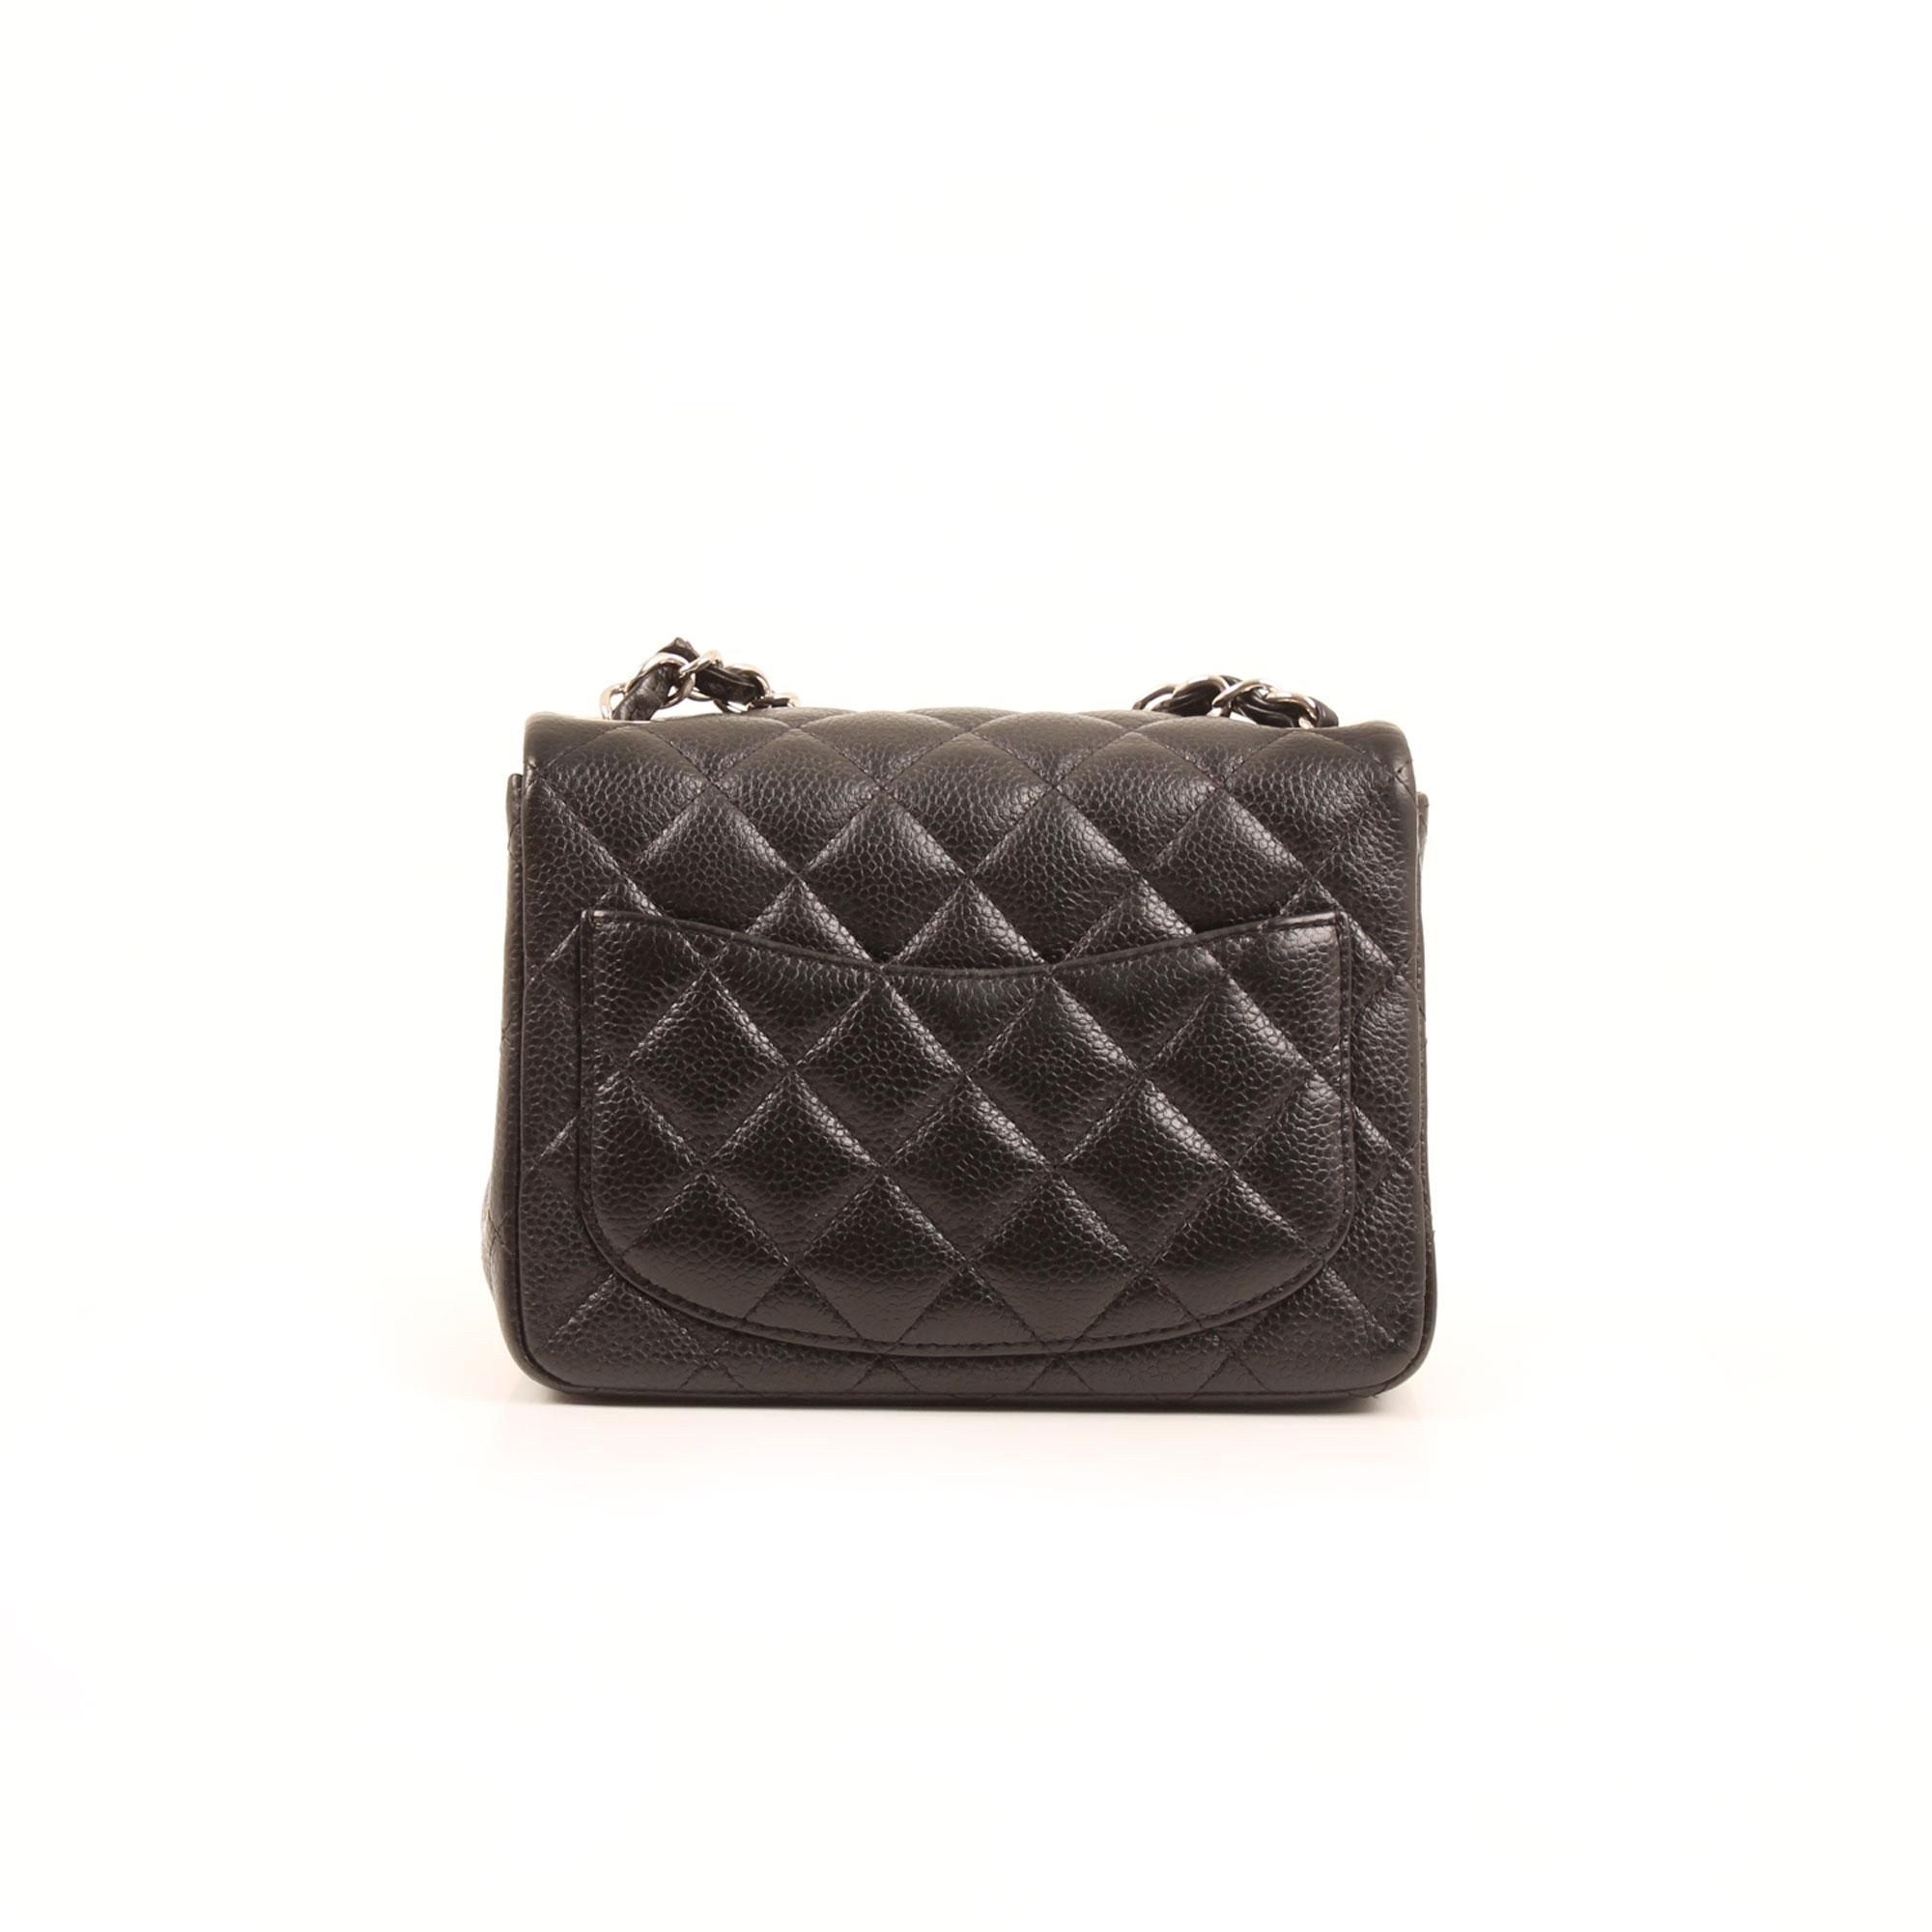 Imagen trasera del bolso chanel mini timeless negro caviar